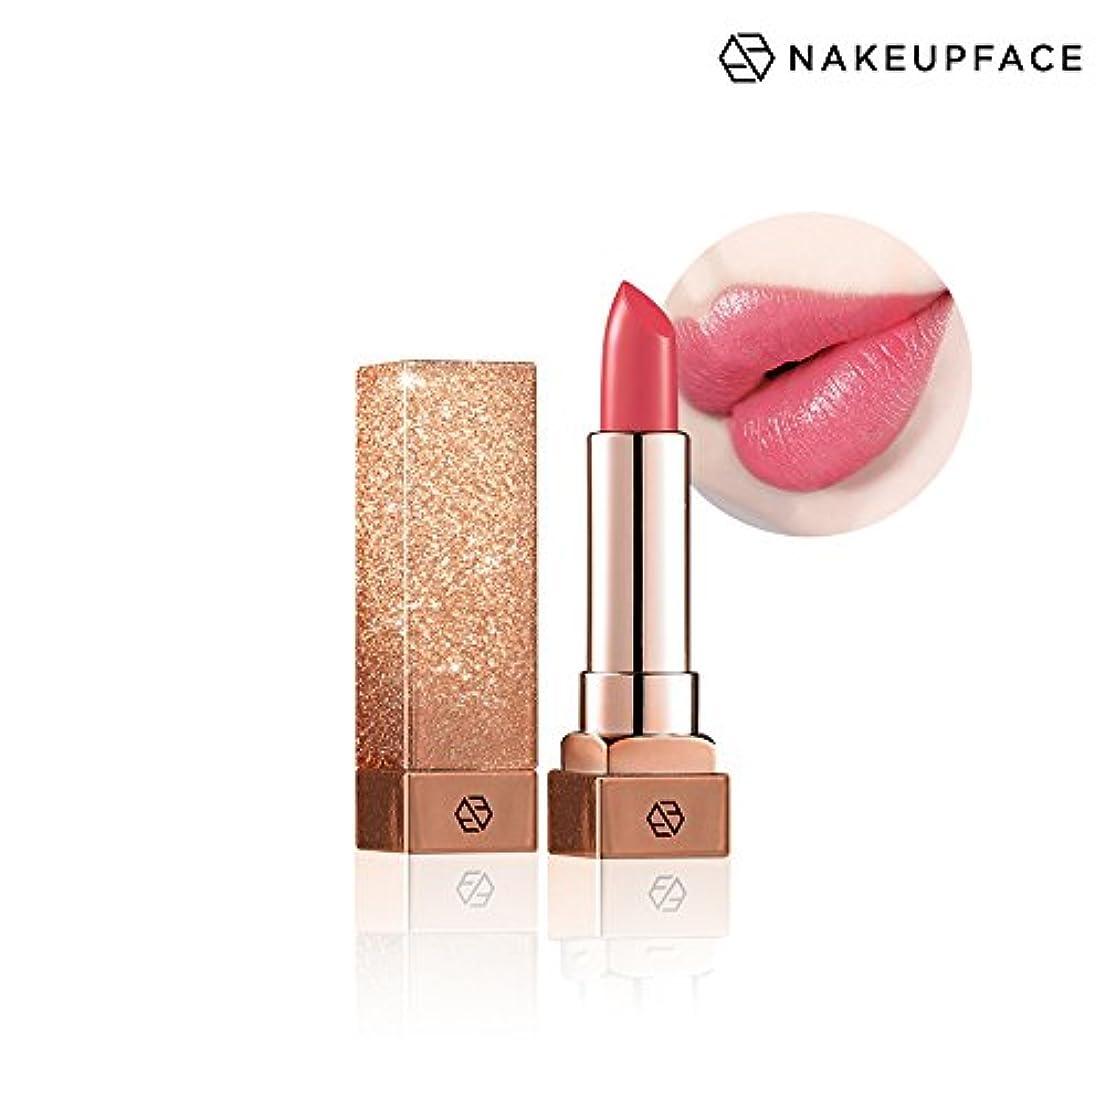 要旨提唱する不正確ネイクアップ フェイス [NAKE UP FACE] C-カップ リップトックス スティック(リップスティック) 5 Colors (No.02 Marilyn)